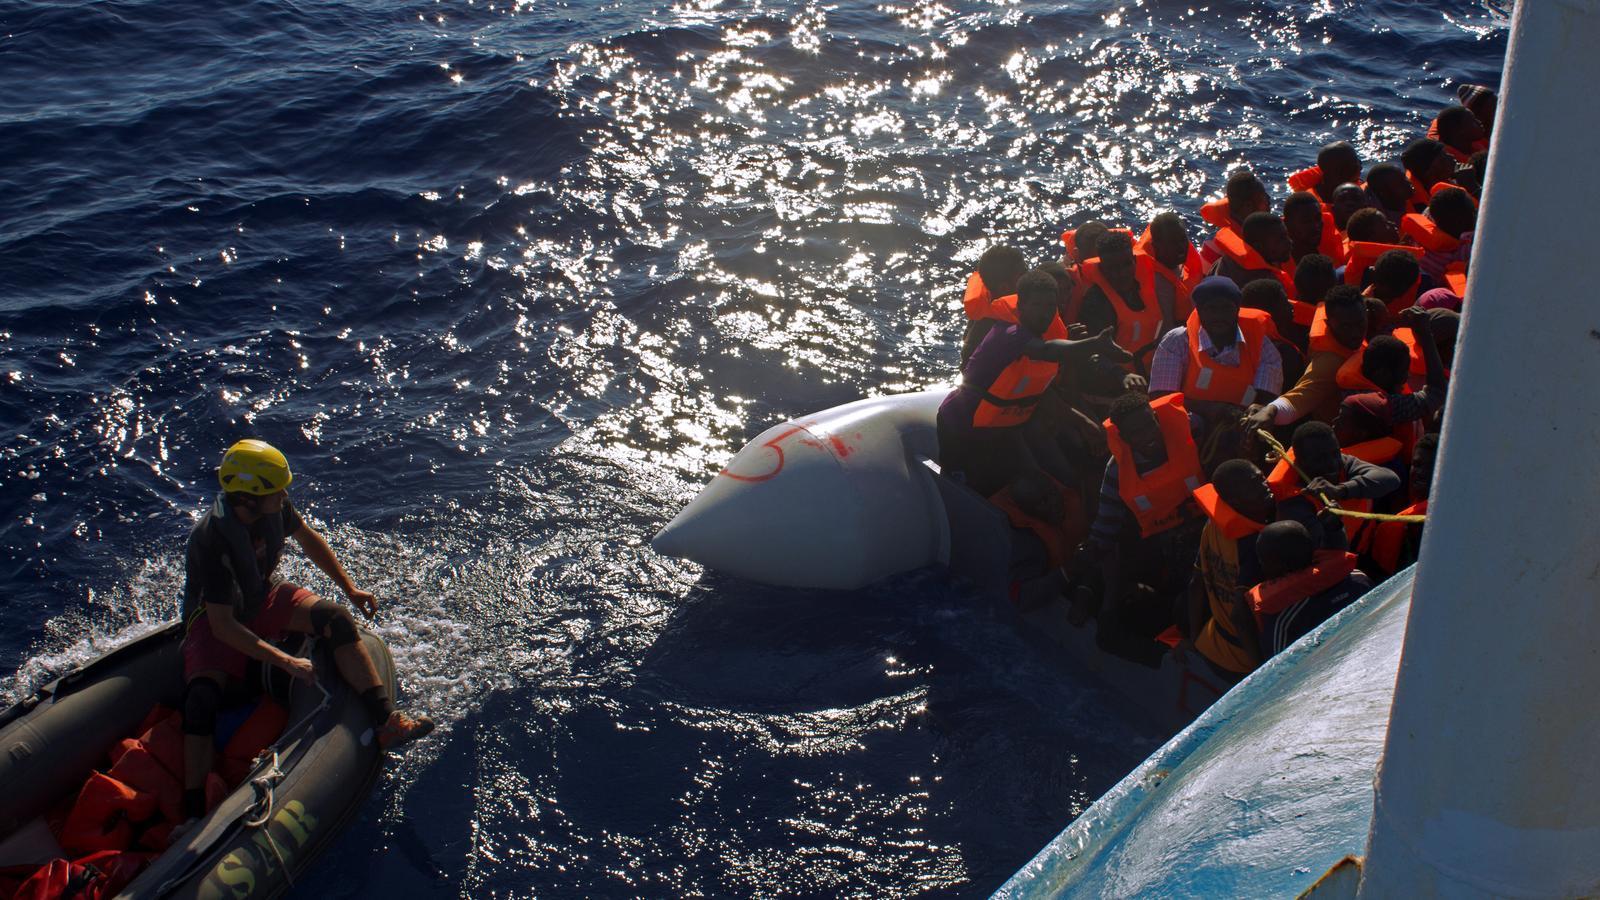 rescat de nàufrags al mediterrani per l'ONG Mediterrani